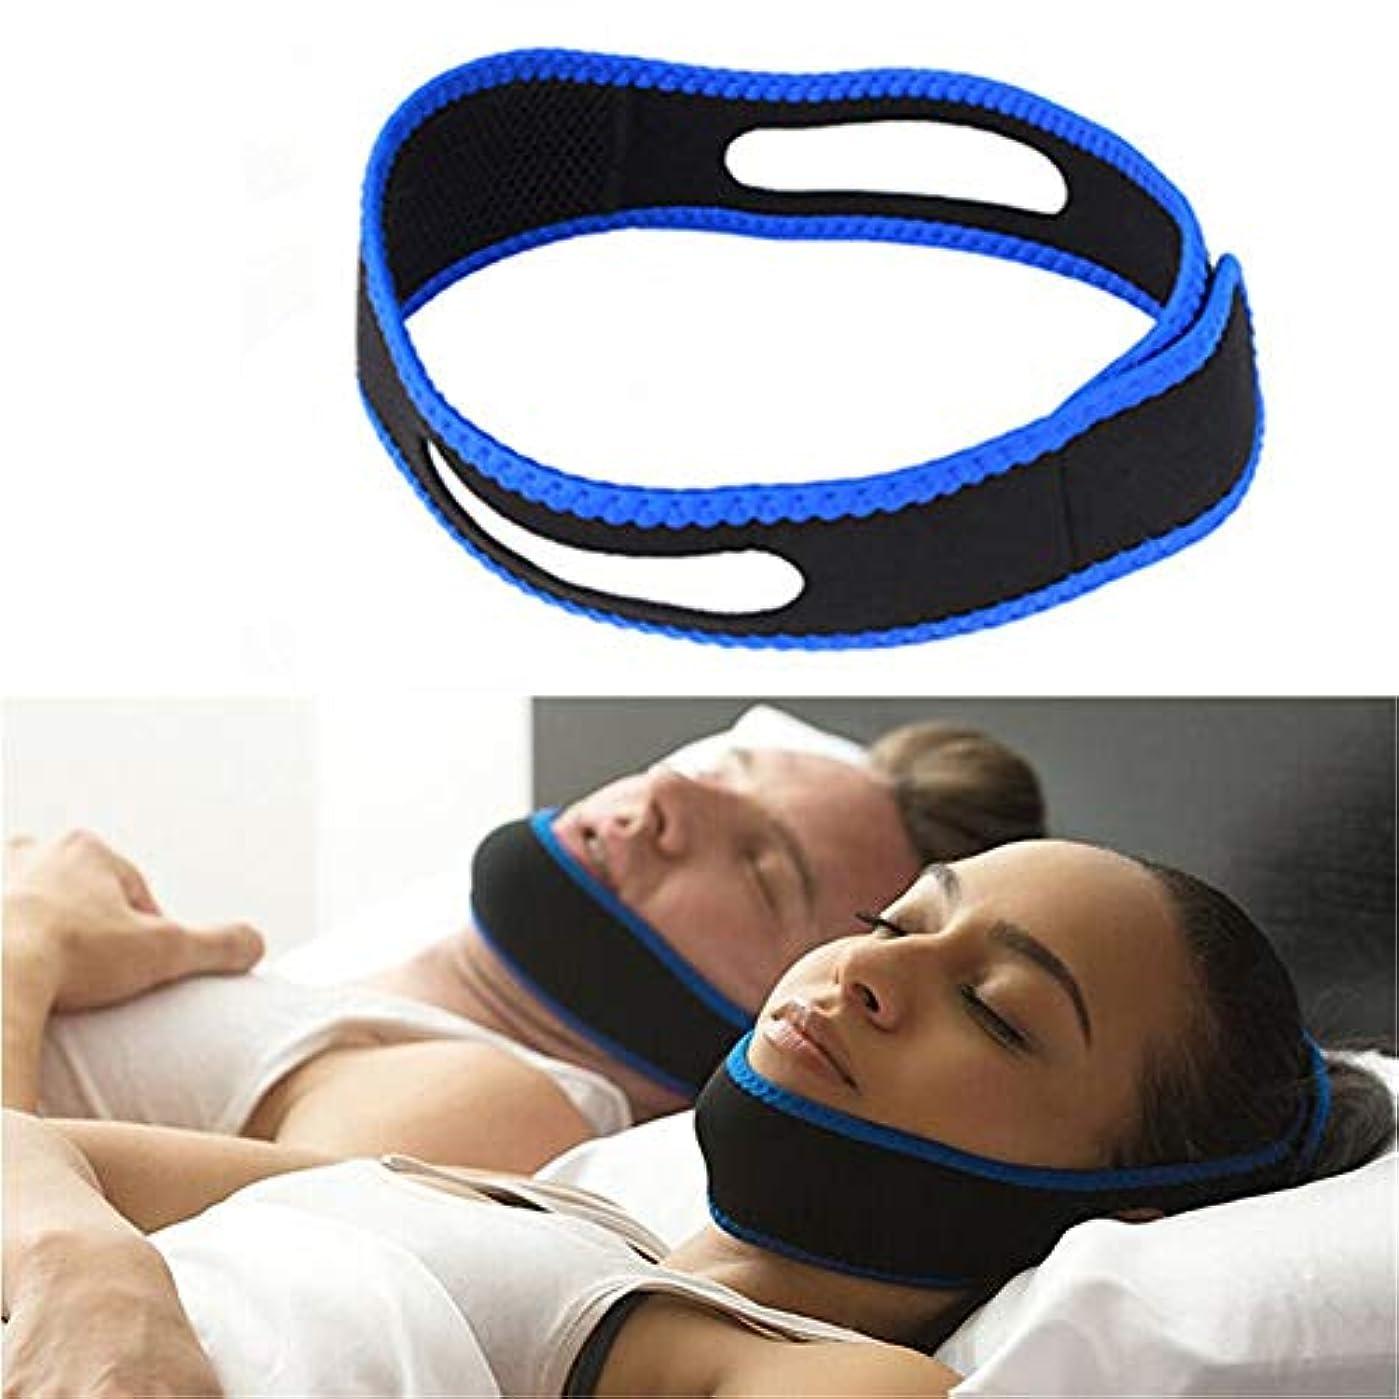 トランスペアレントマイコン部屋を掃除するAngzhili いびき軽減グッズ いびき防止装置 いびき対策グッズ 睡眠補助 快眠サポーター 肌に優しい サイズ調整可能 男女兼用